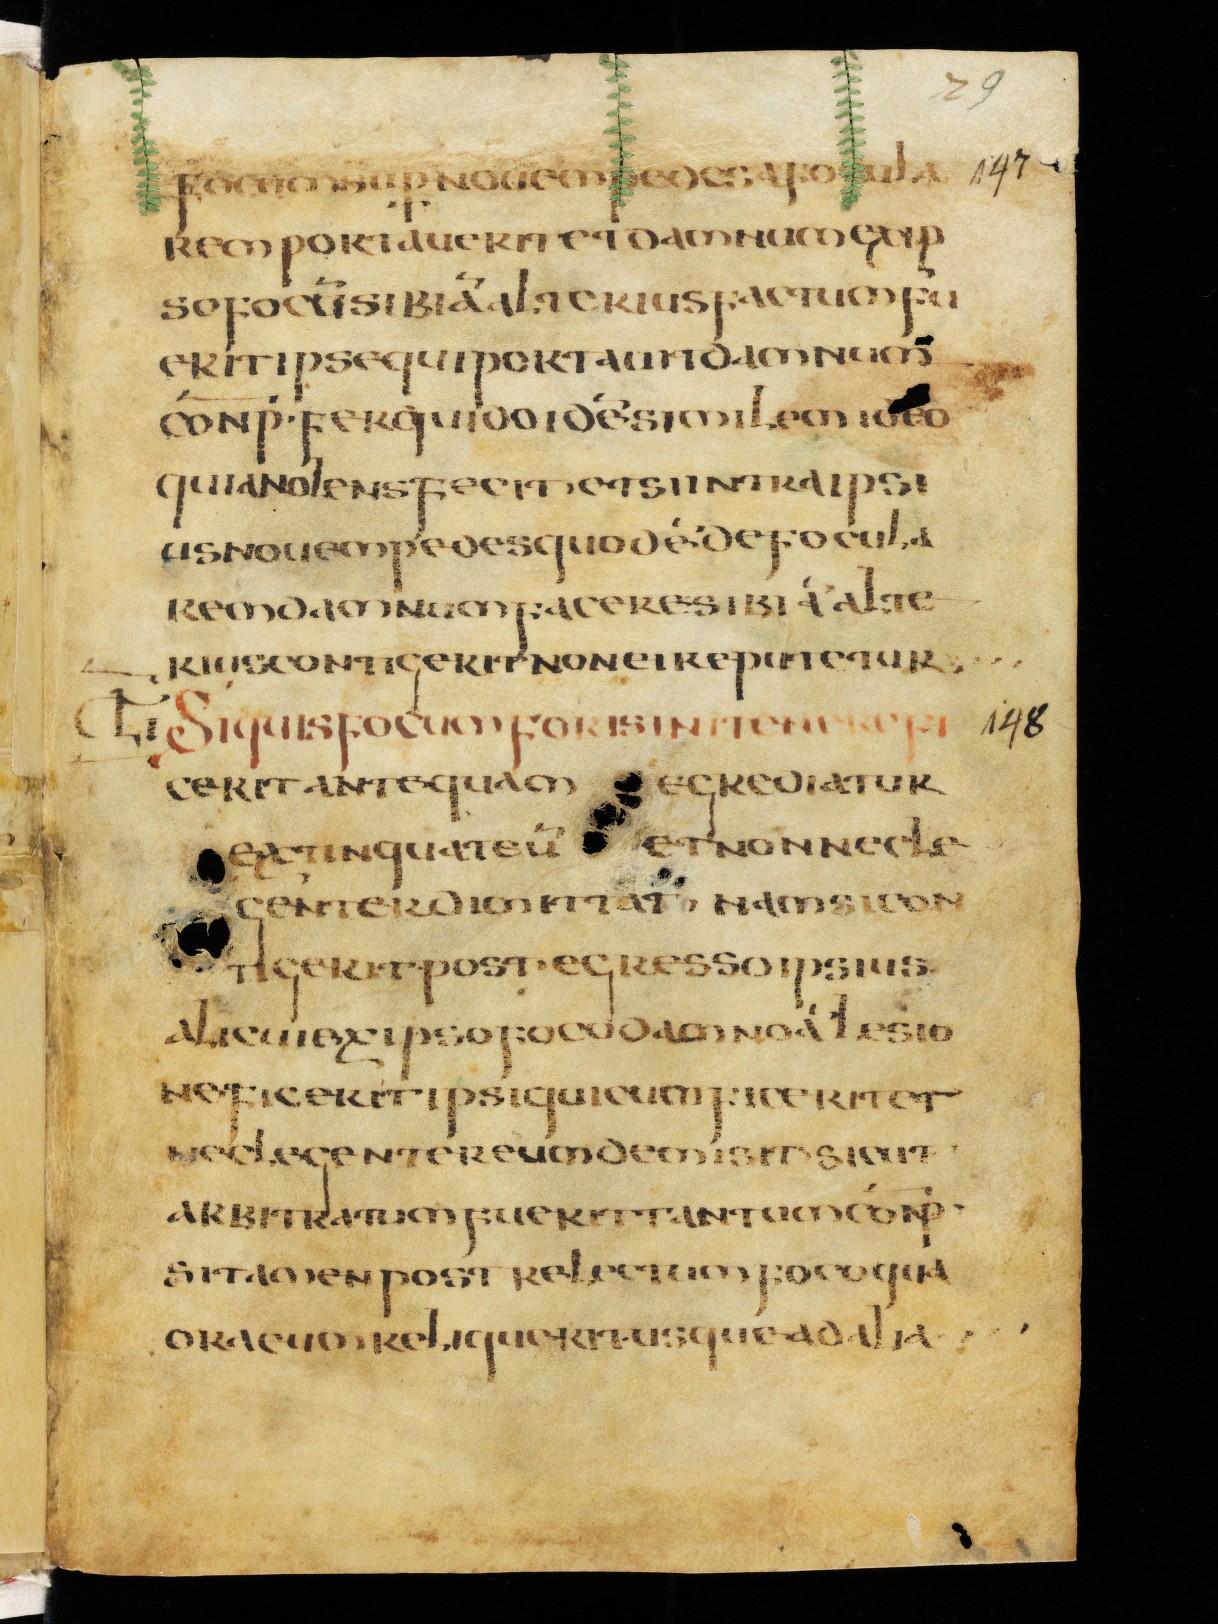 Cod. Sang. 730, p. 29